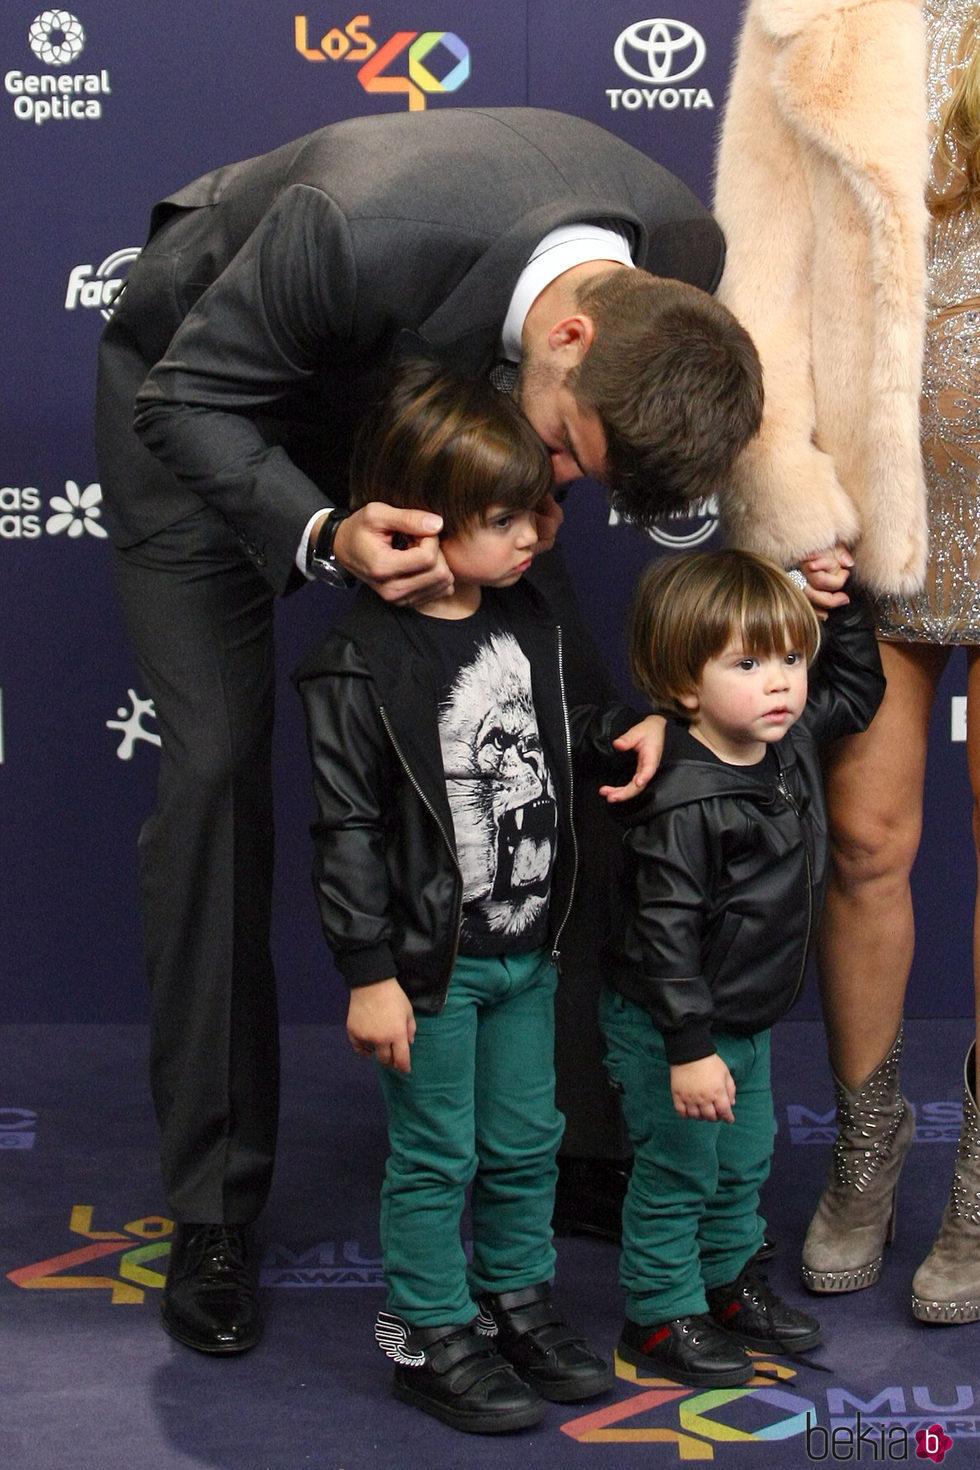 Gerard Piqué con sus hijos Milan y Sasha en Los40 Music Awards 2016